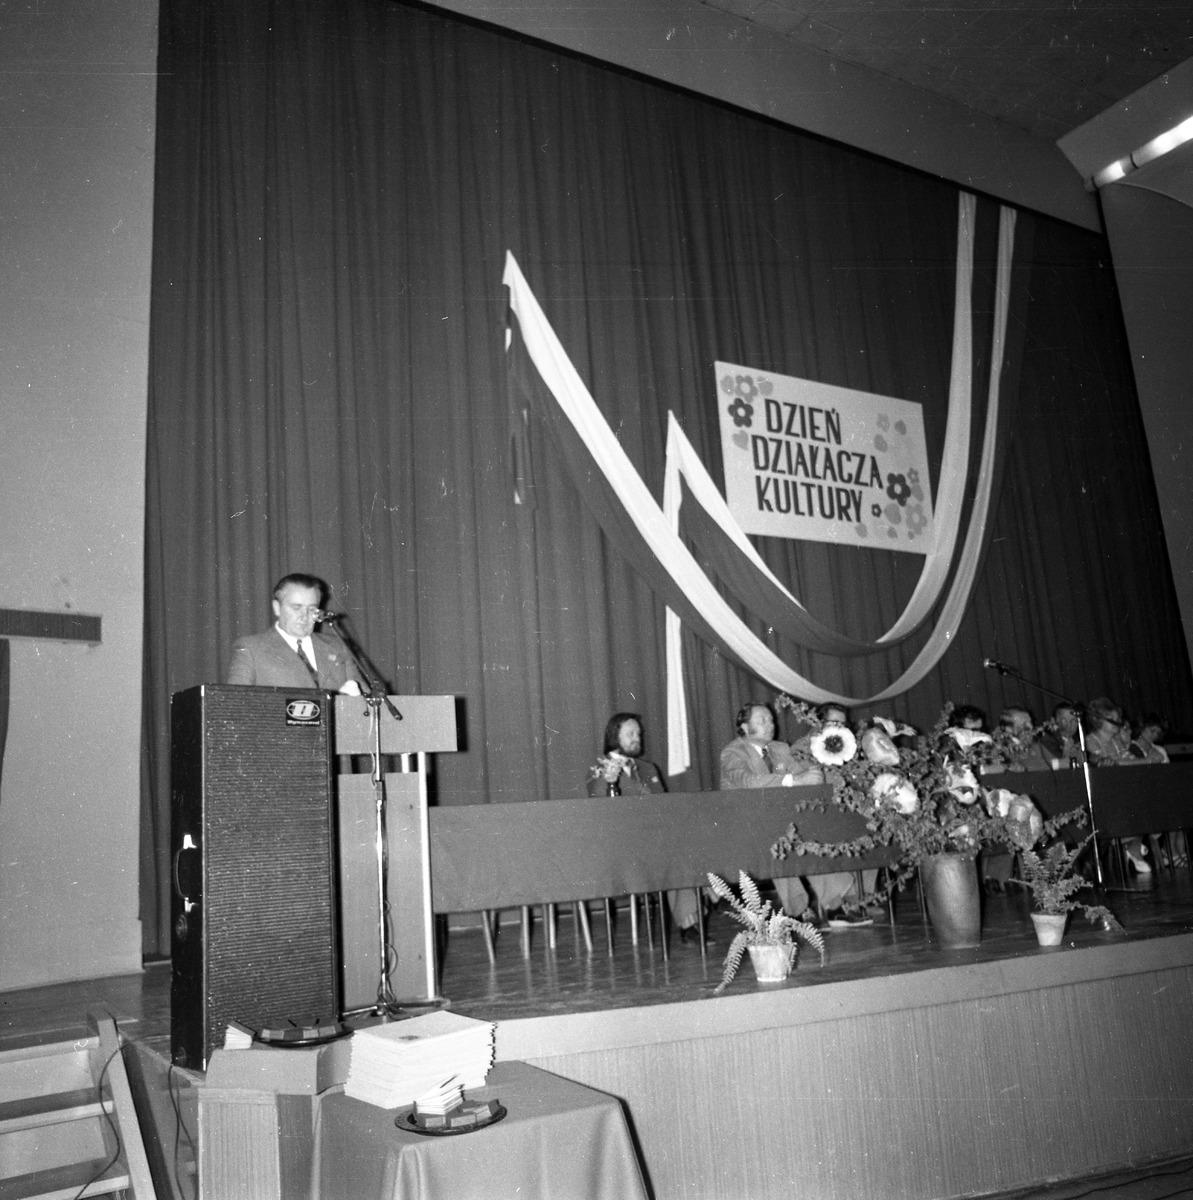 Dzień Działacza Kultury, 1976 r. [1]